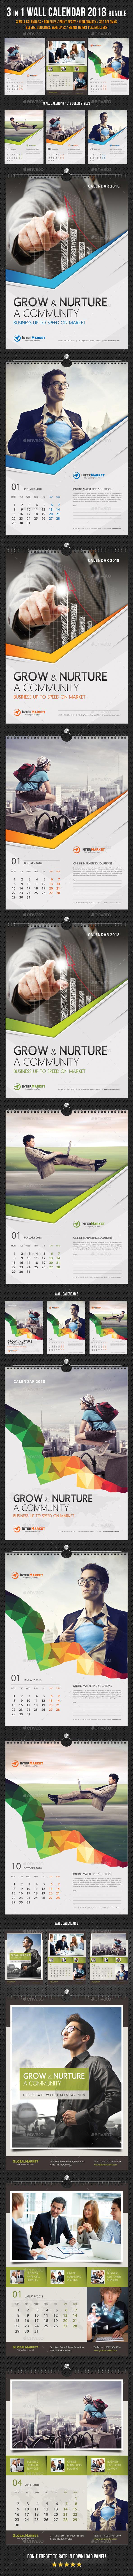 3 Business Wall Calendar 2018 Bundle